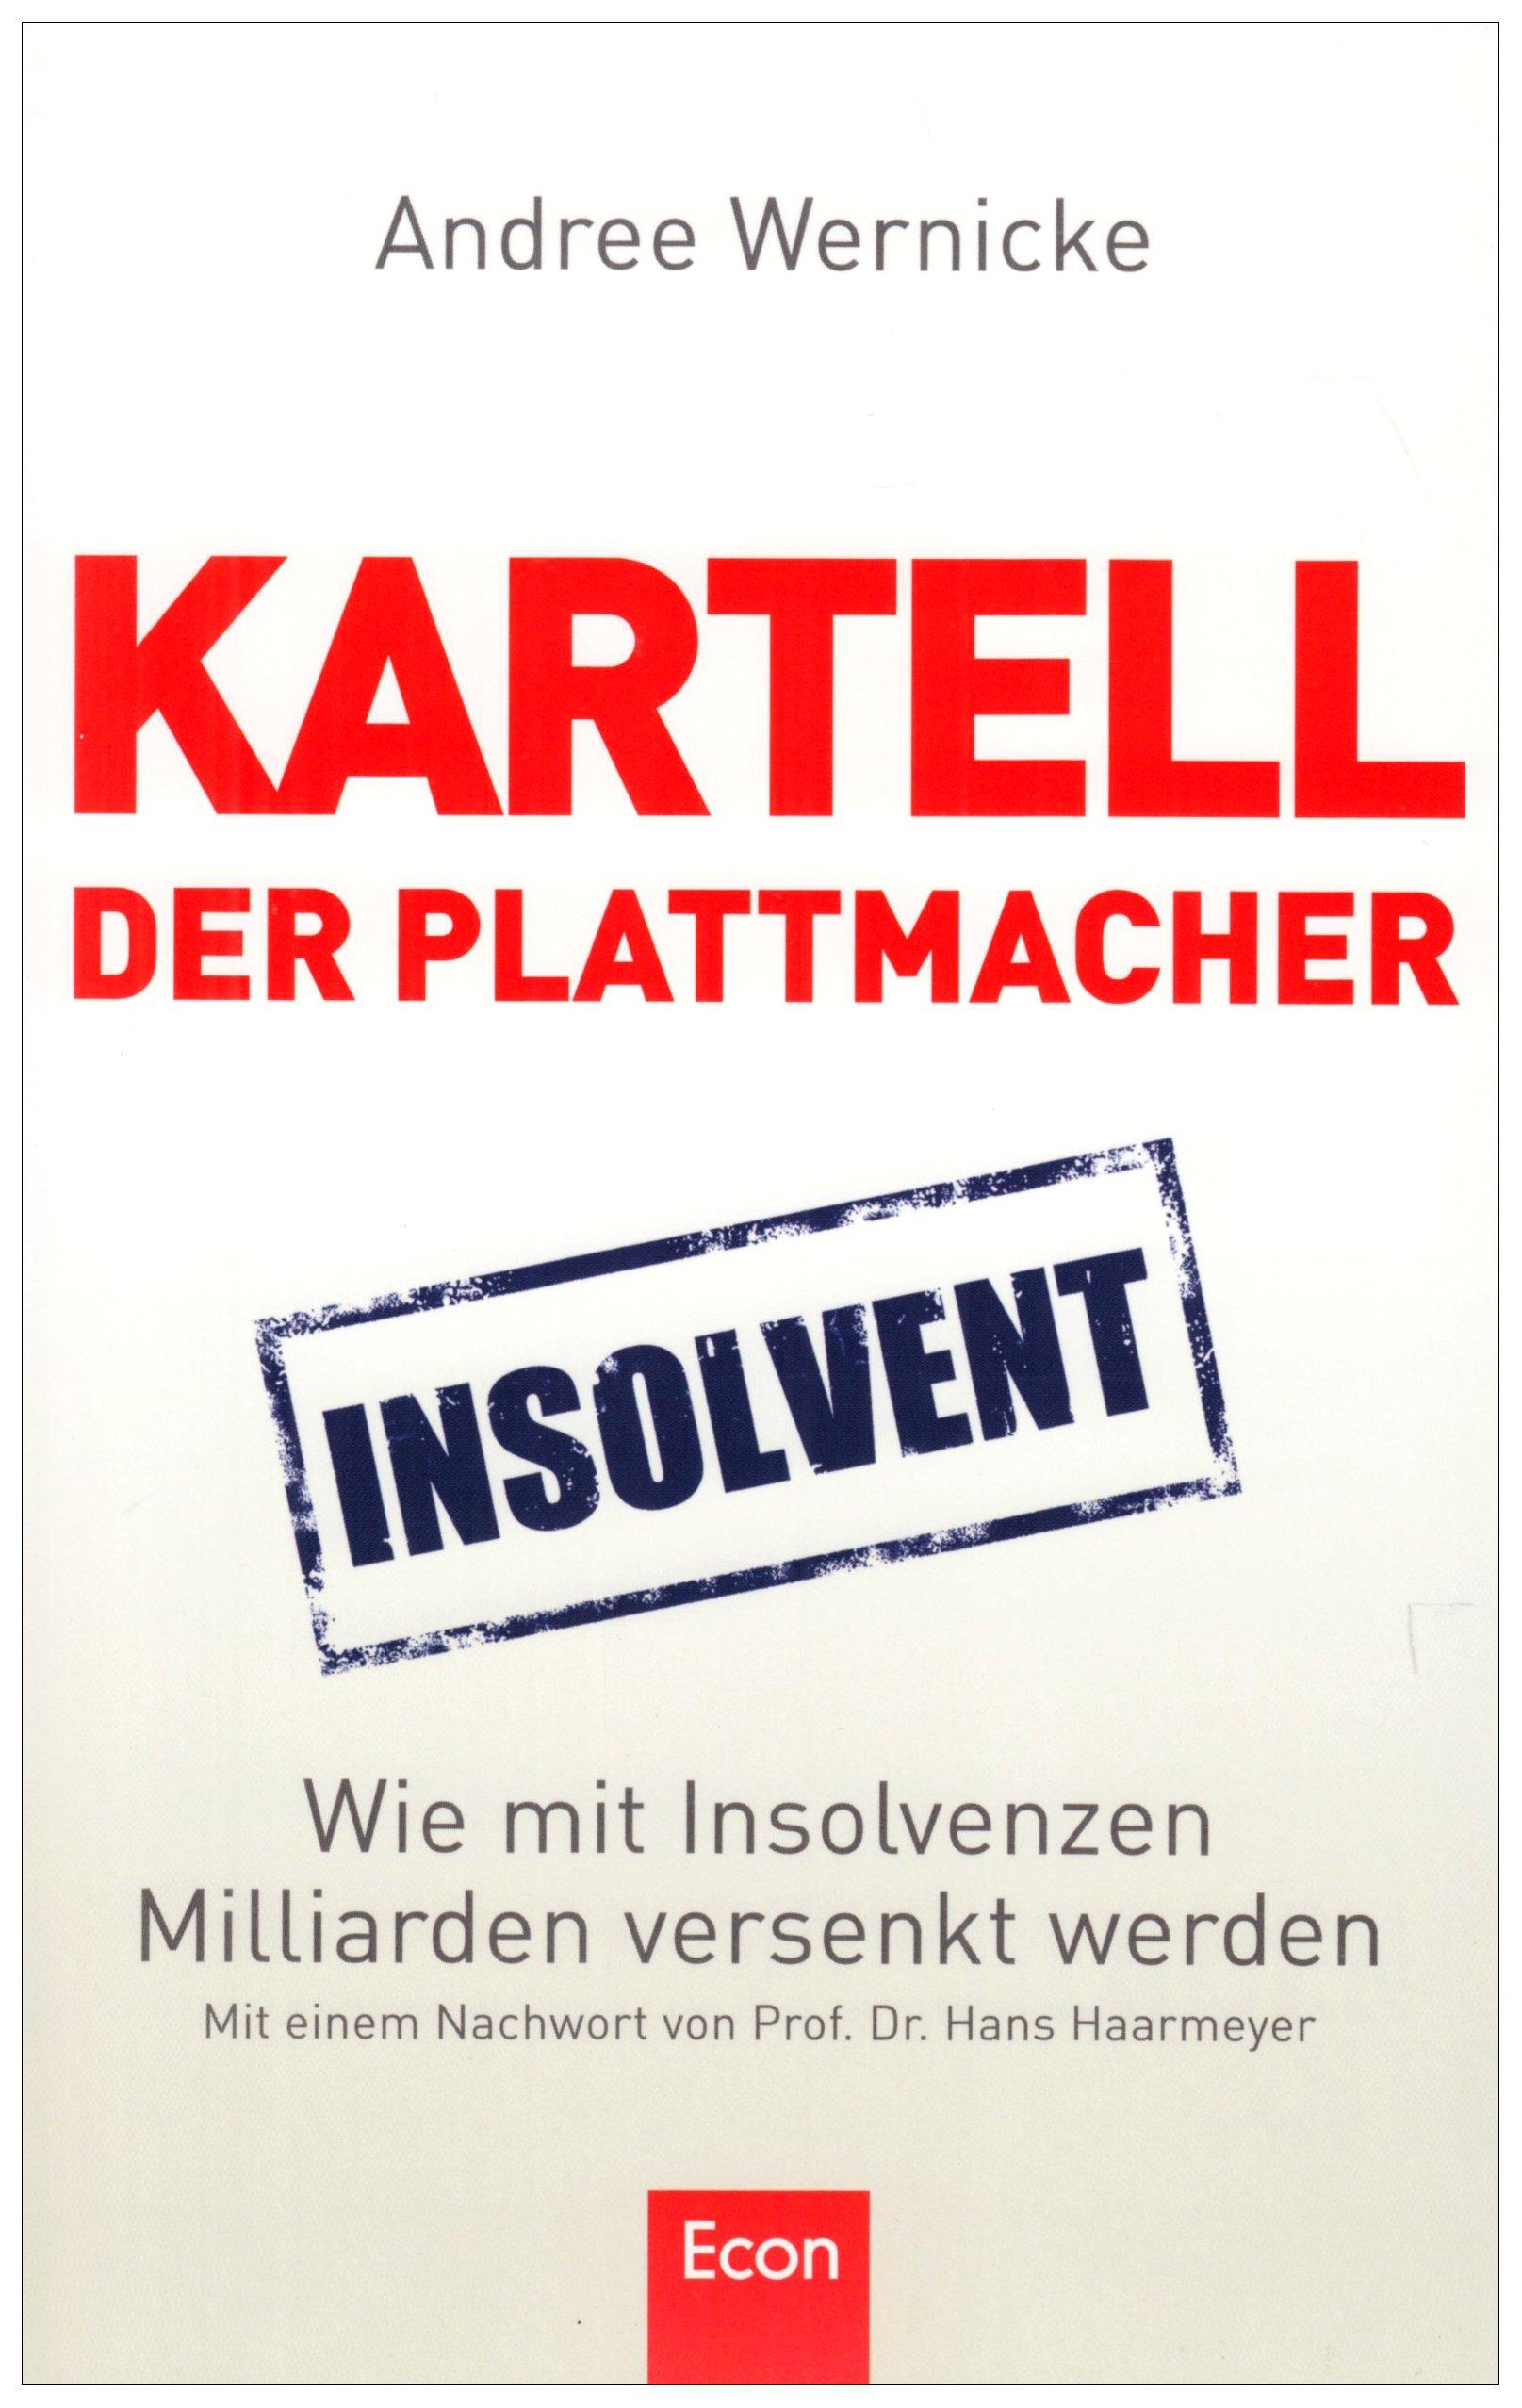 Kartell der Plattmacher: Wie mit Insolvenzen Milliarden versenkt werden